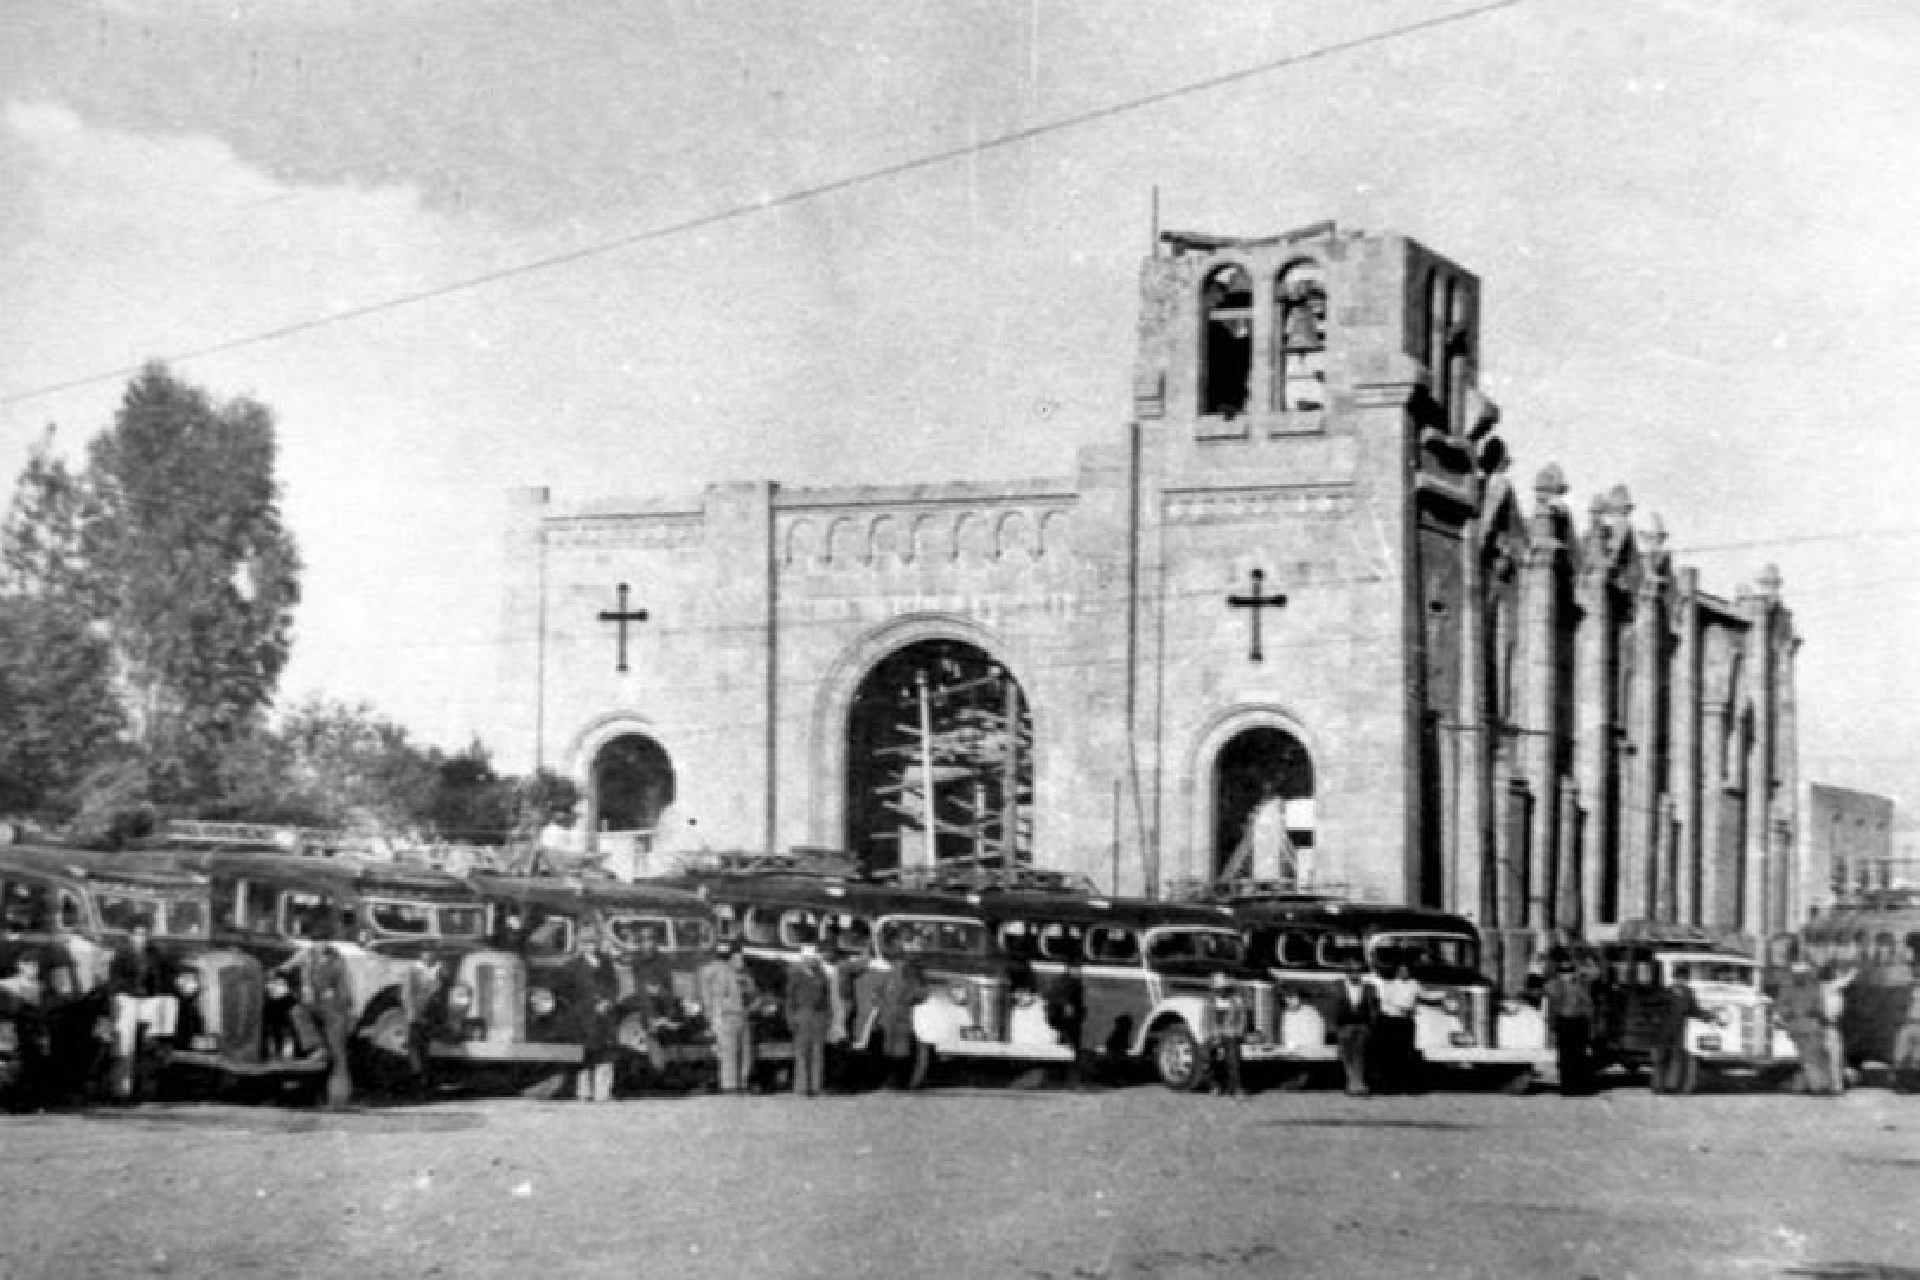 Apizaco-Basílica de la Misericordia-Historia-Fotografía antigua-Revolución Mexicana-Tlaxcala